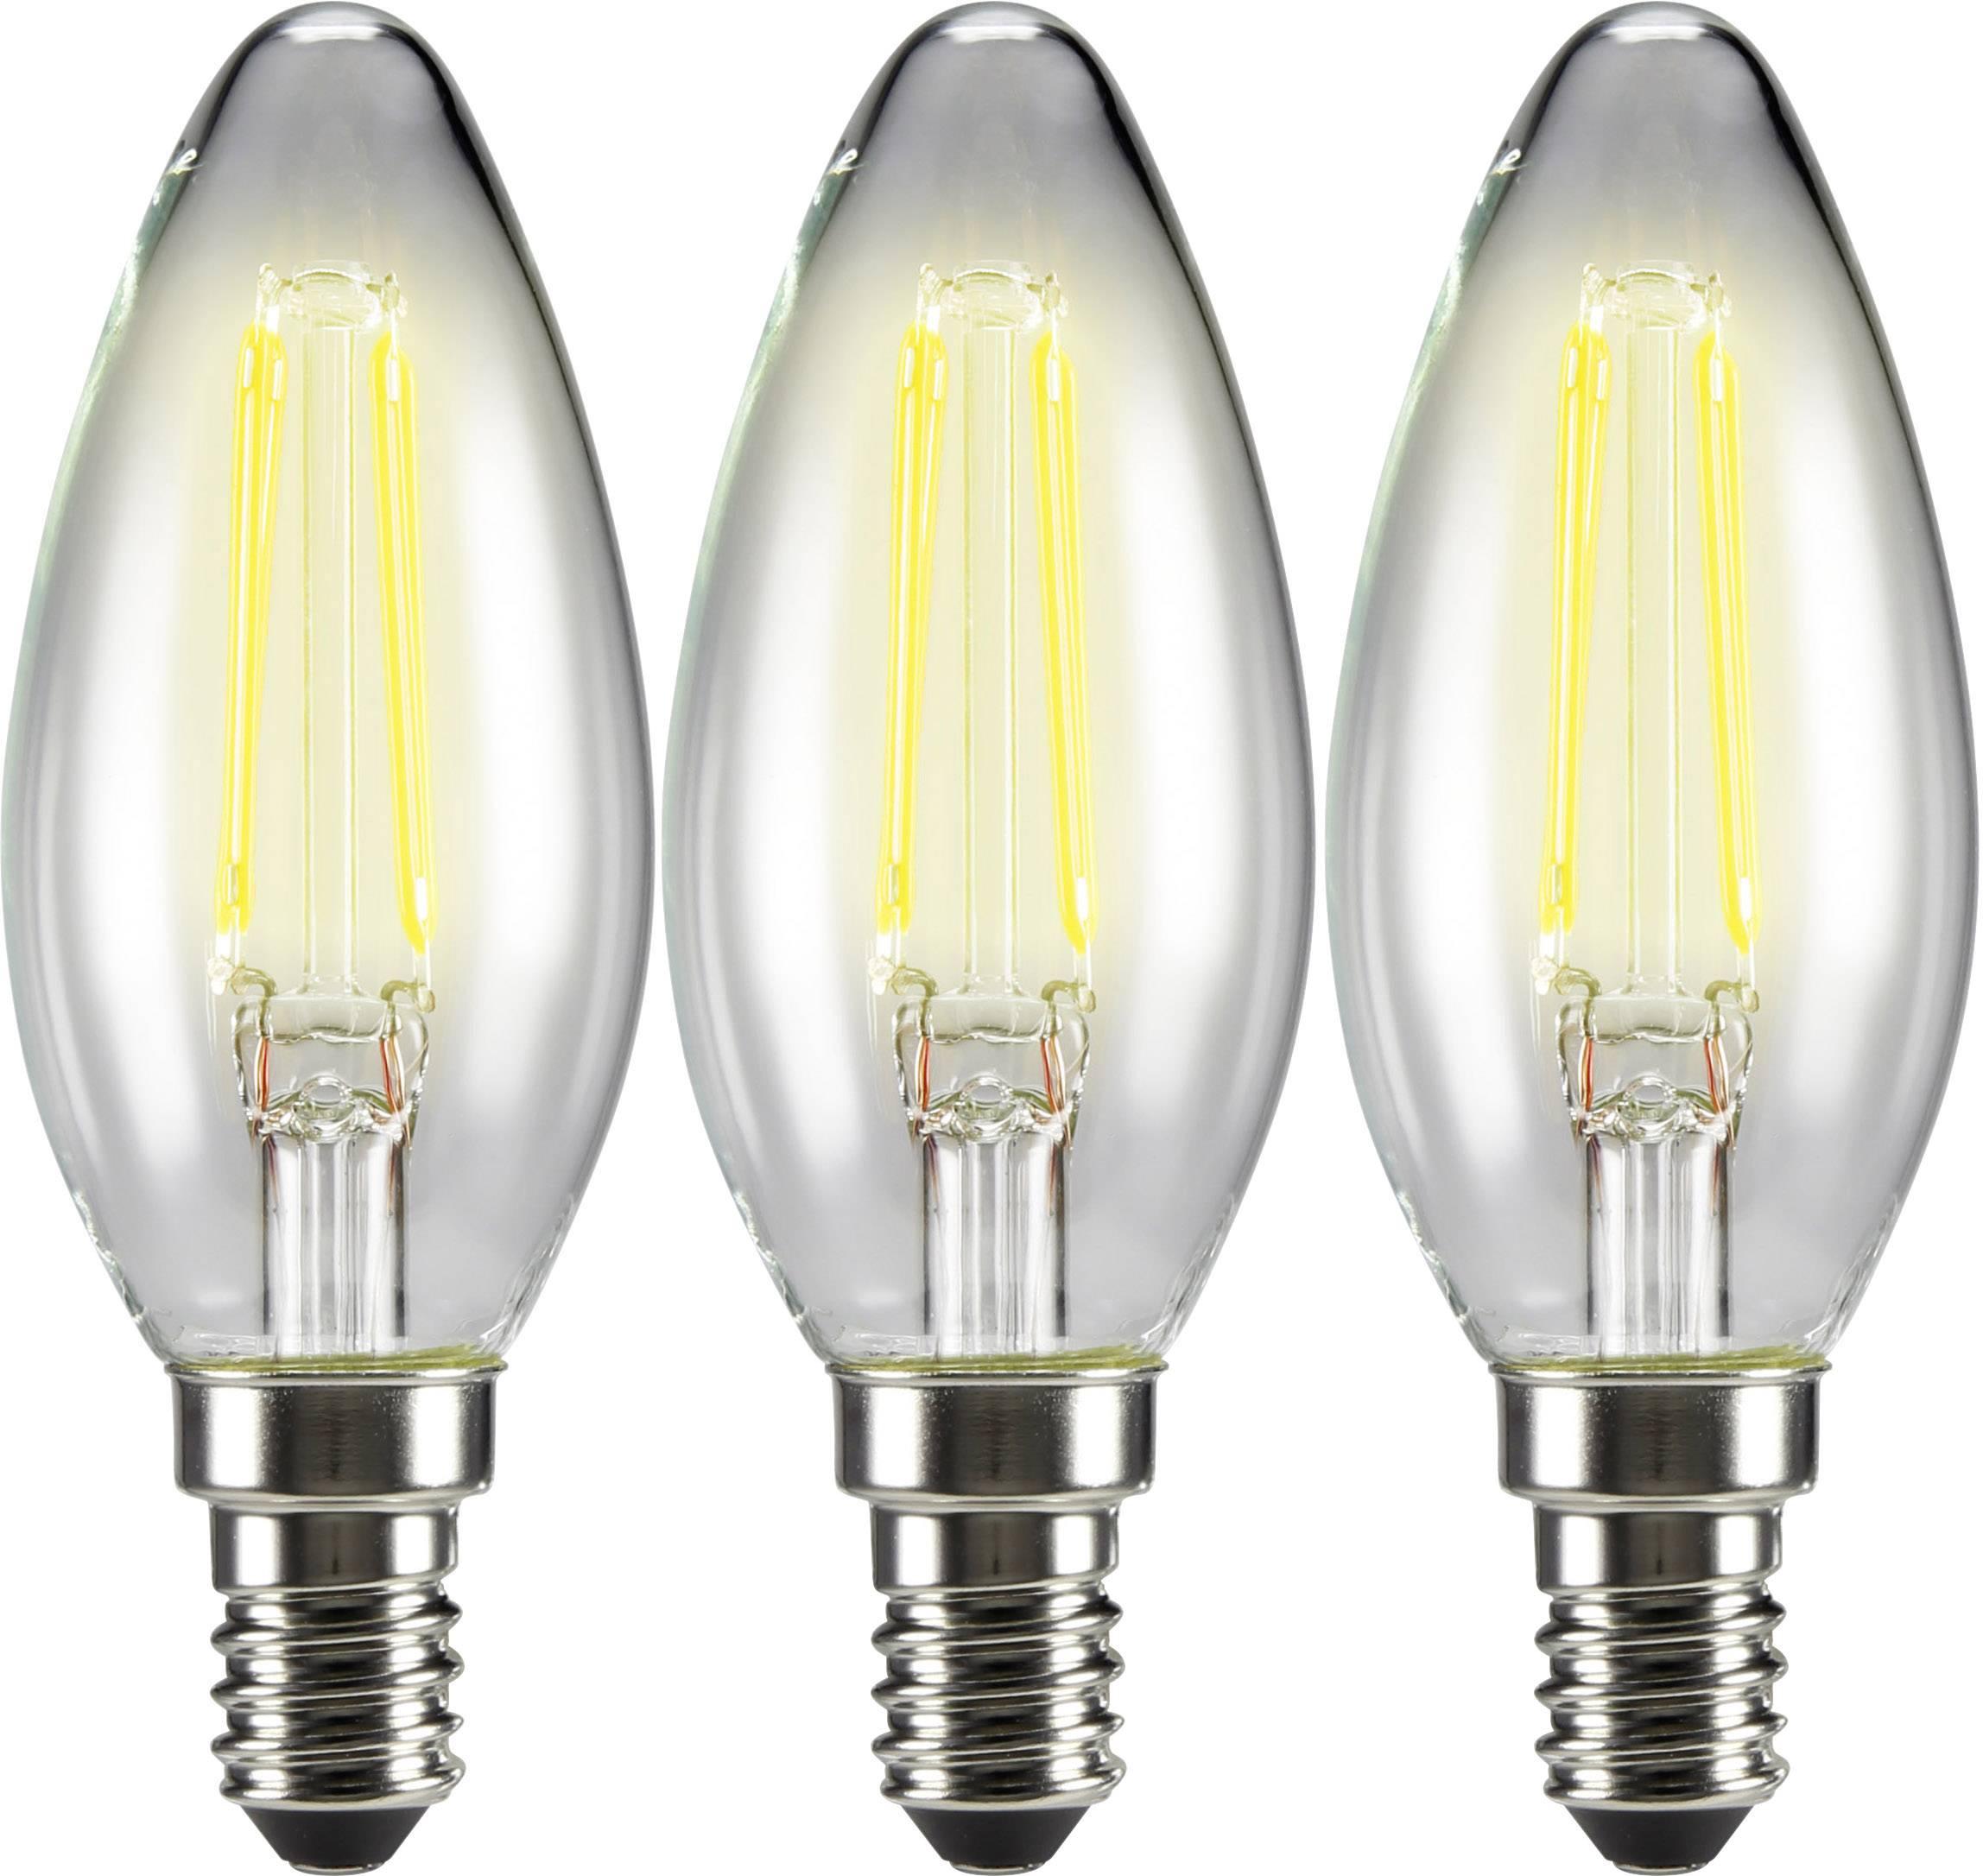 LED žiarovka Sygonix STC3004 , 3 pcs set 230 V, 4 W = 37 W, teplá biela, A++, vlákno, 3 ks